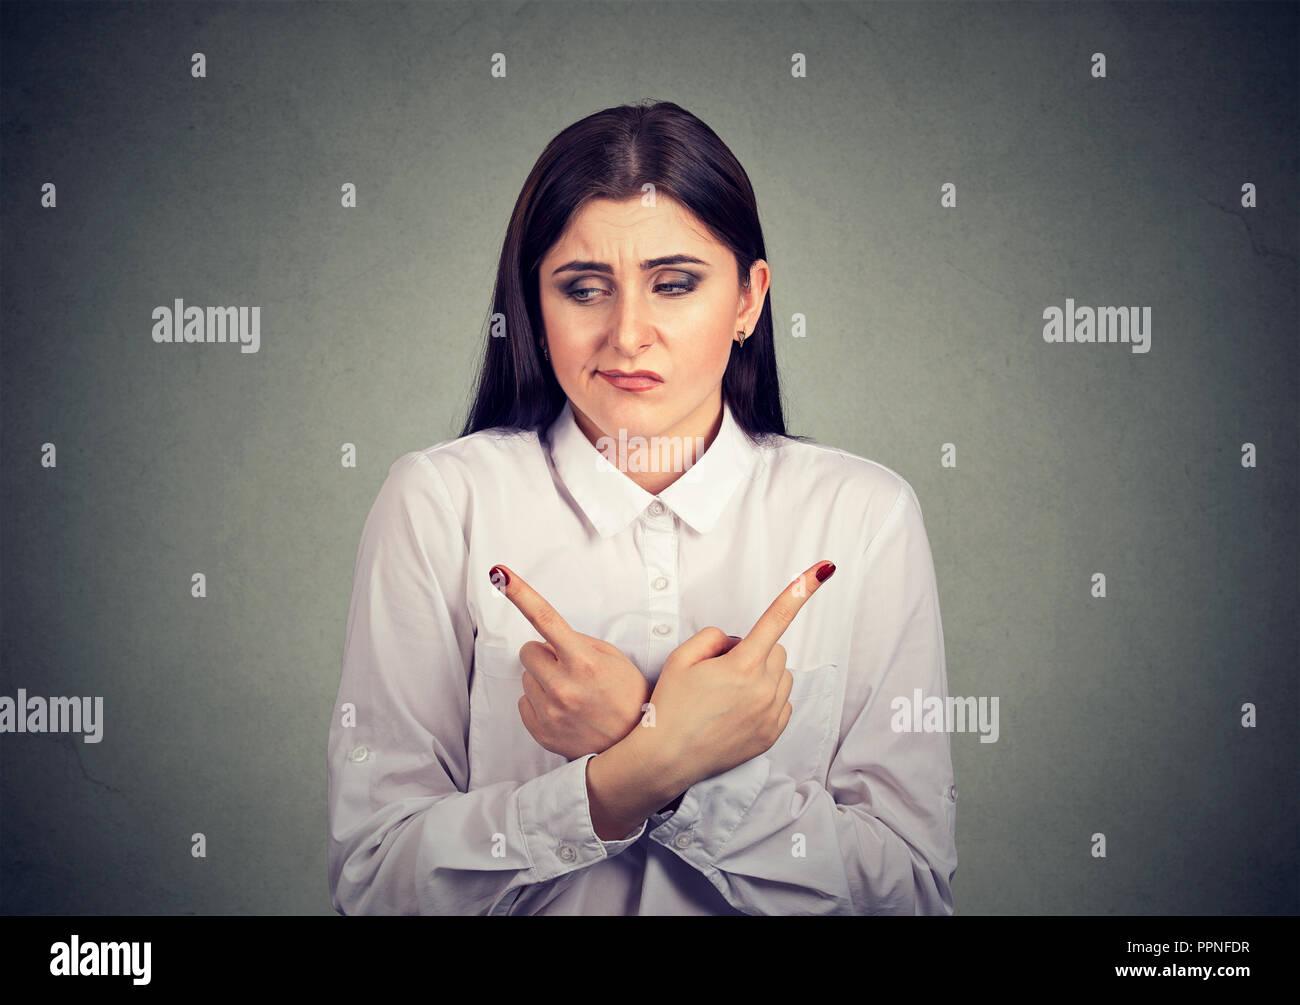 Jeune femme à la recherche a souligné l'incertitude tout en indiquant avec les doigts dans des directions opposées sur fond gris Photo Stock